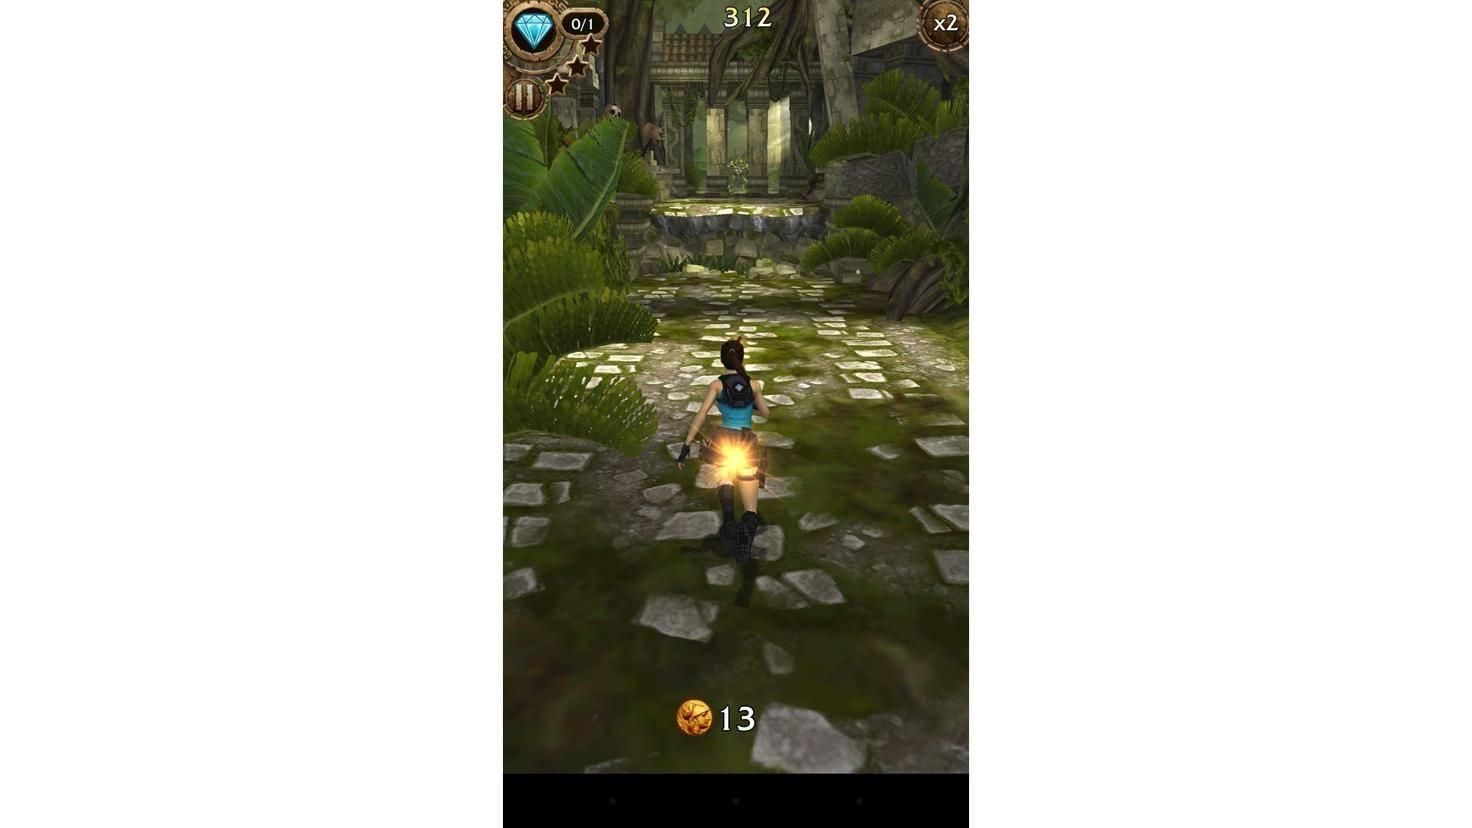 Lara Croft Relic Rund LG V10